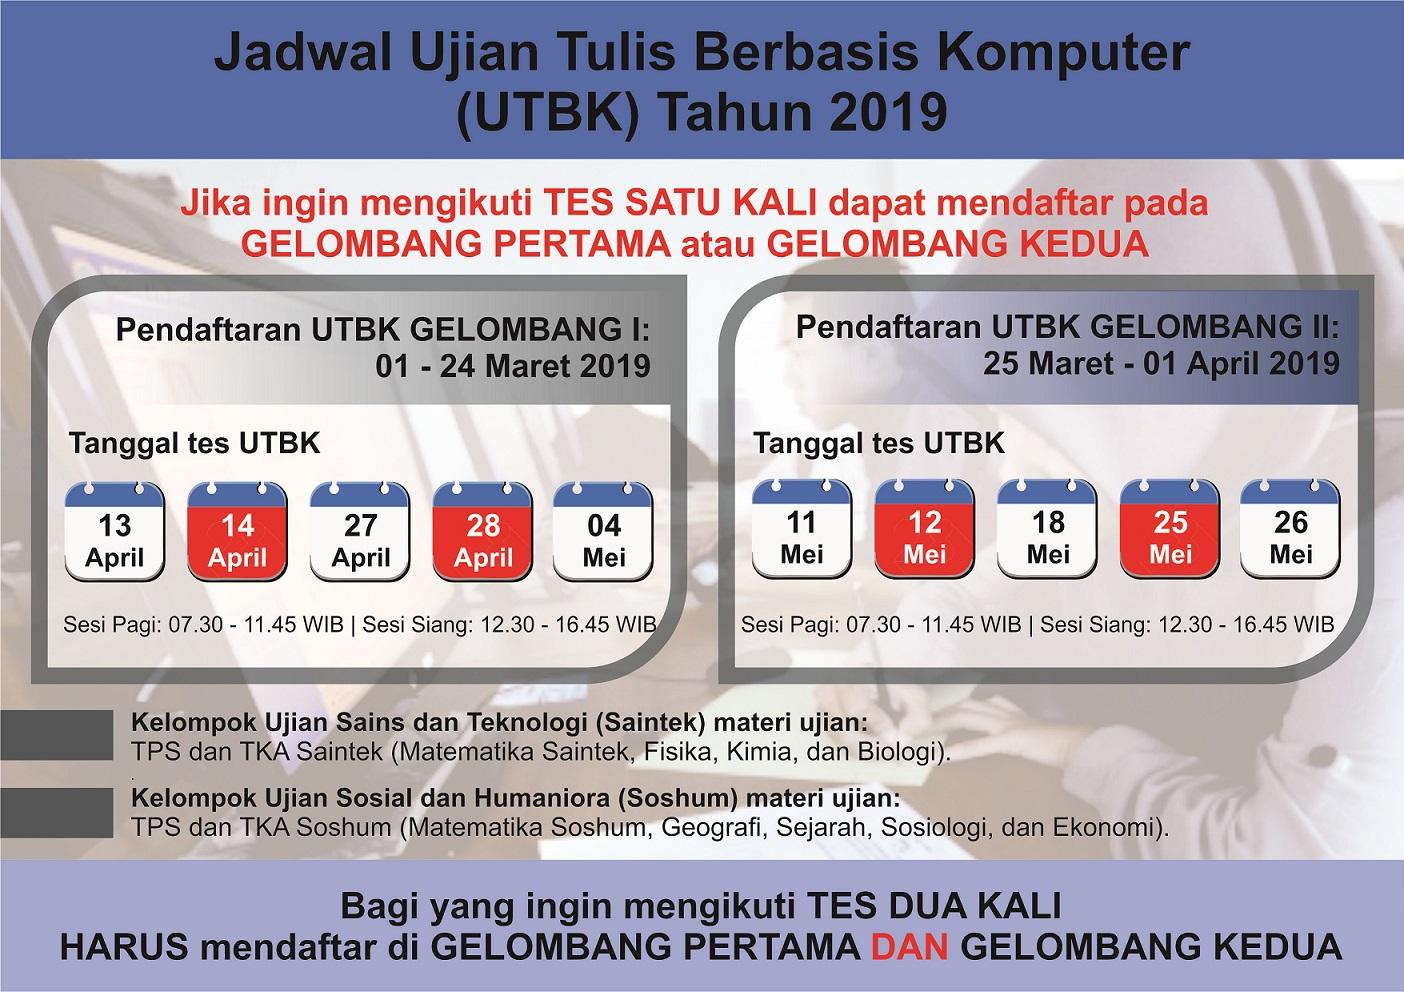 Jadwal tes, biaya, dan lokasi di Indonesia